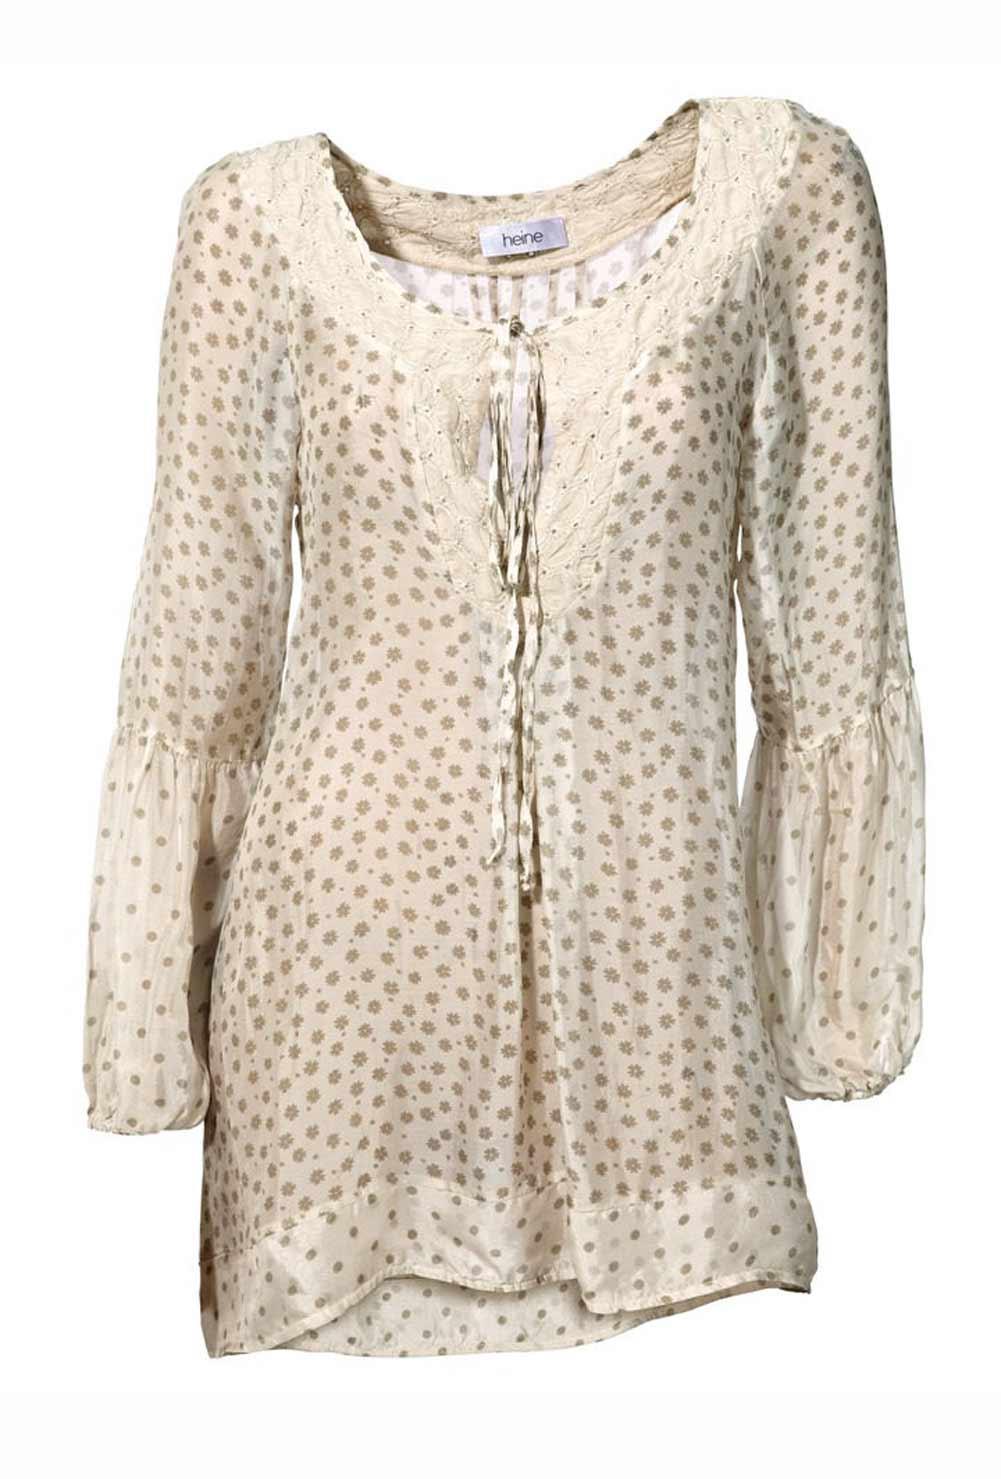 Seiden-Tunika beige Größe 46 | SALE % | Outlet Mode-Shop